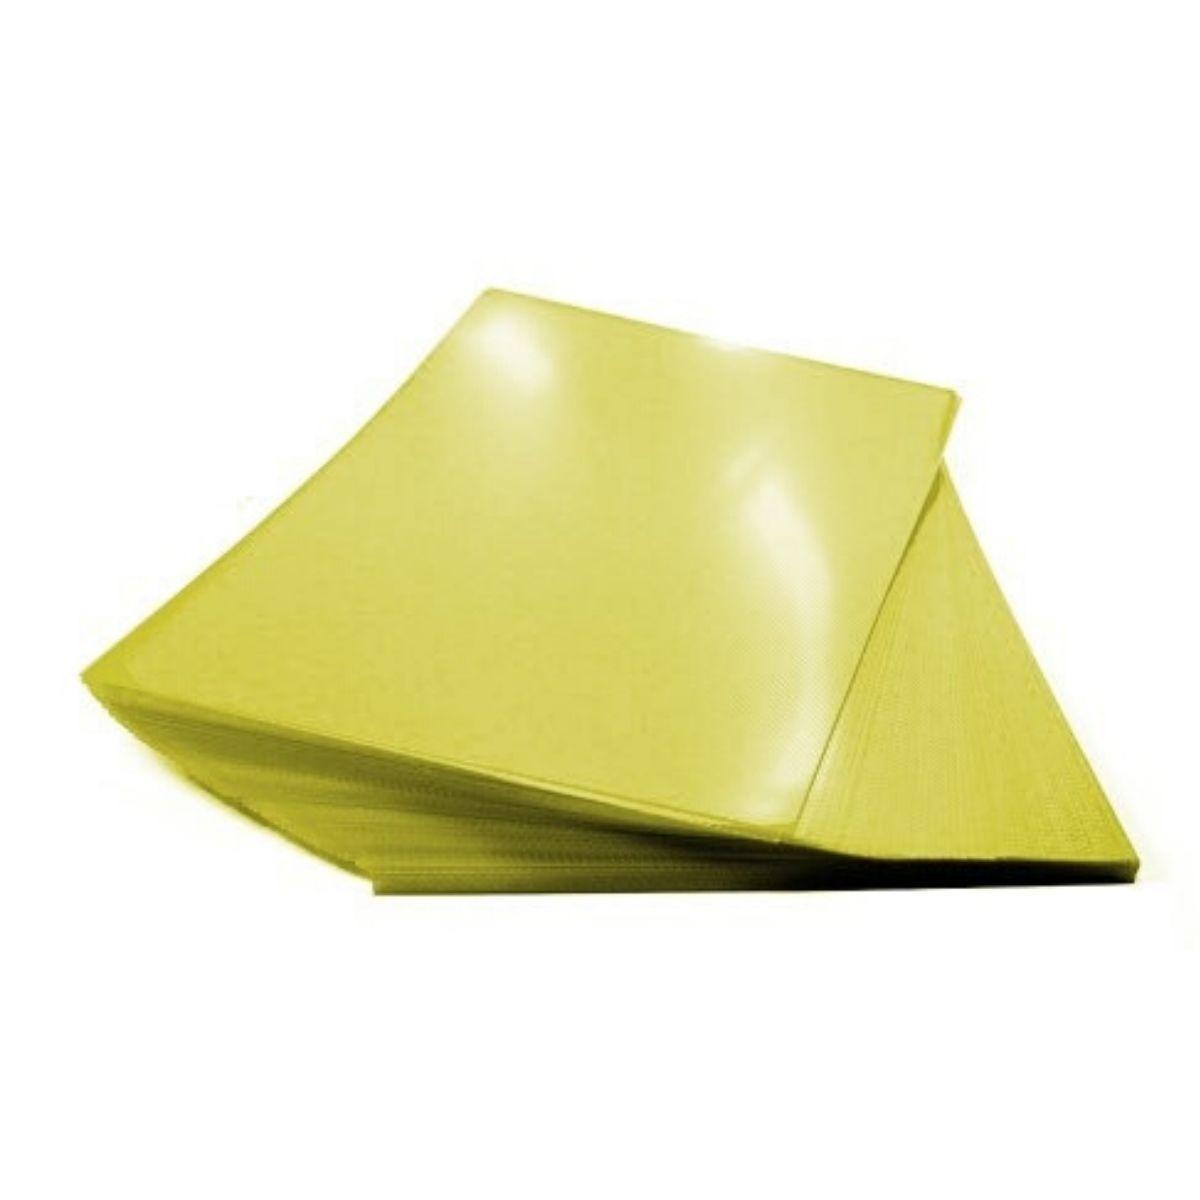 Kit 500 Capas para Encadernação PP 0,30mm A4 Amarela Couro (Fundo)  - Click Suprimentos